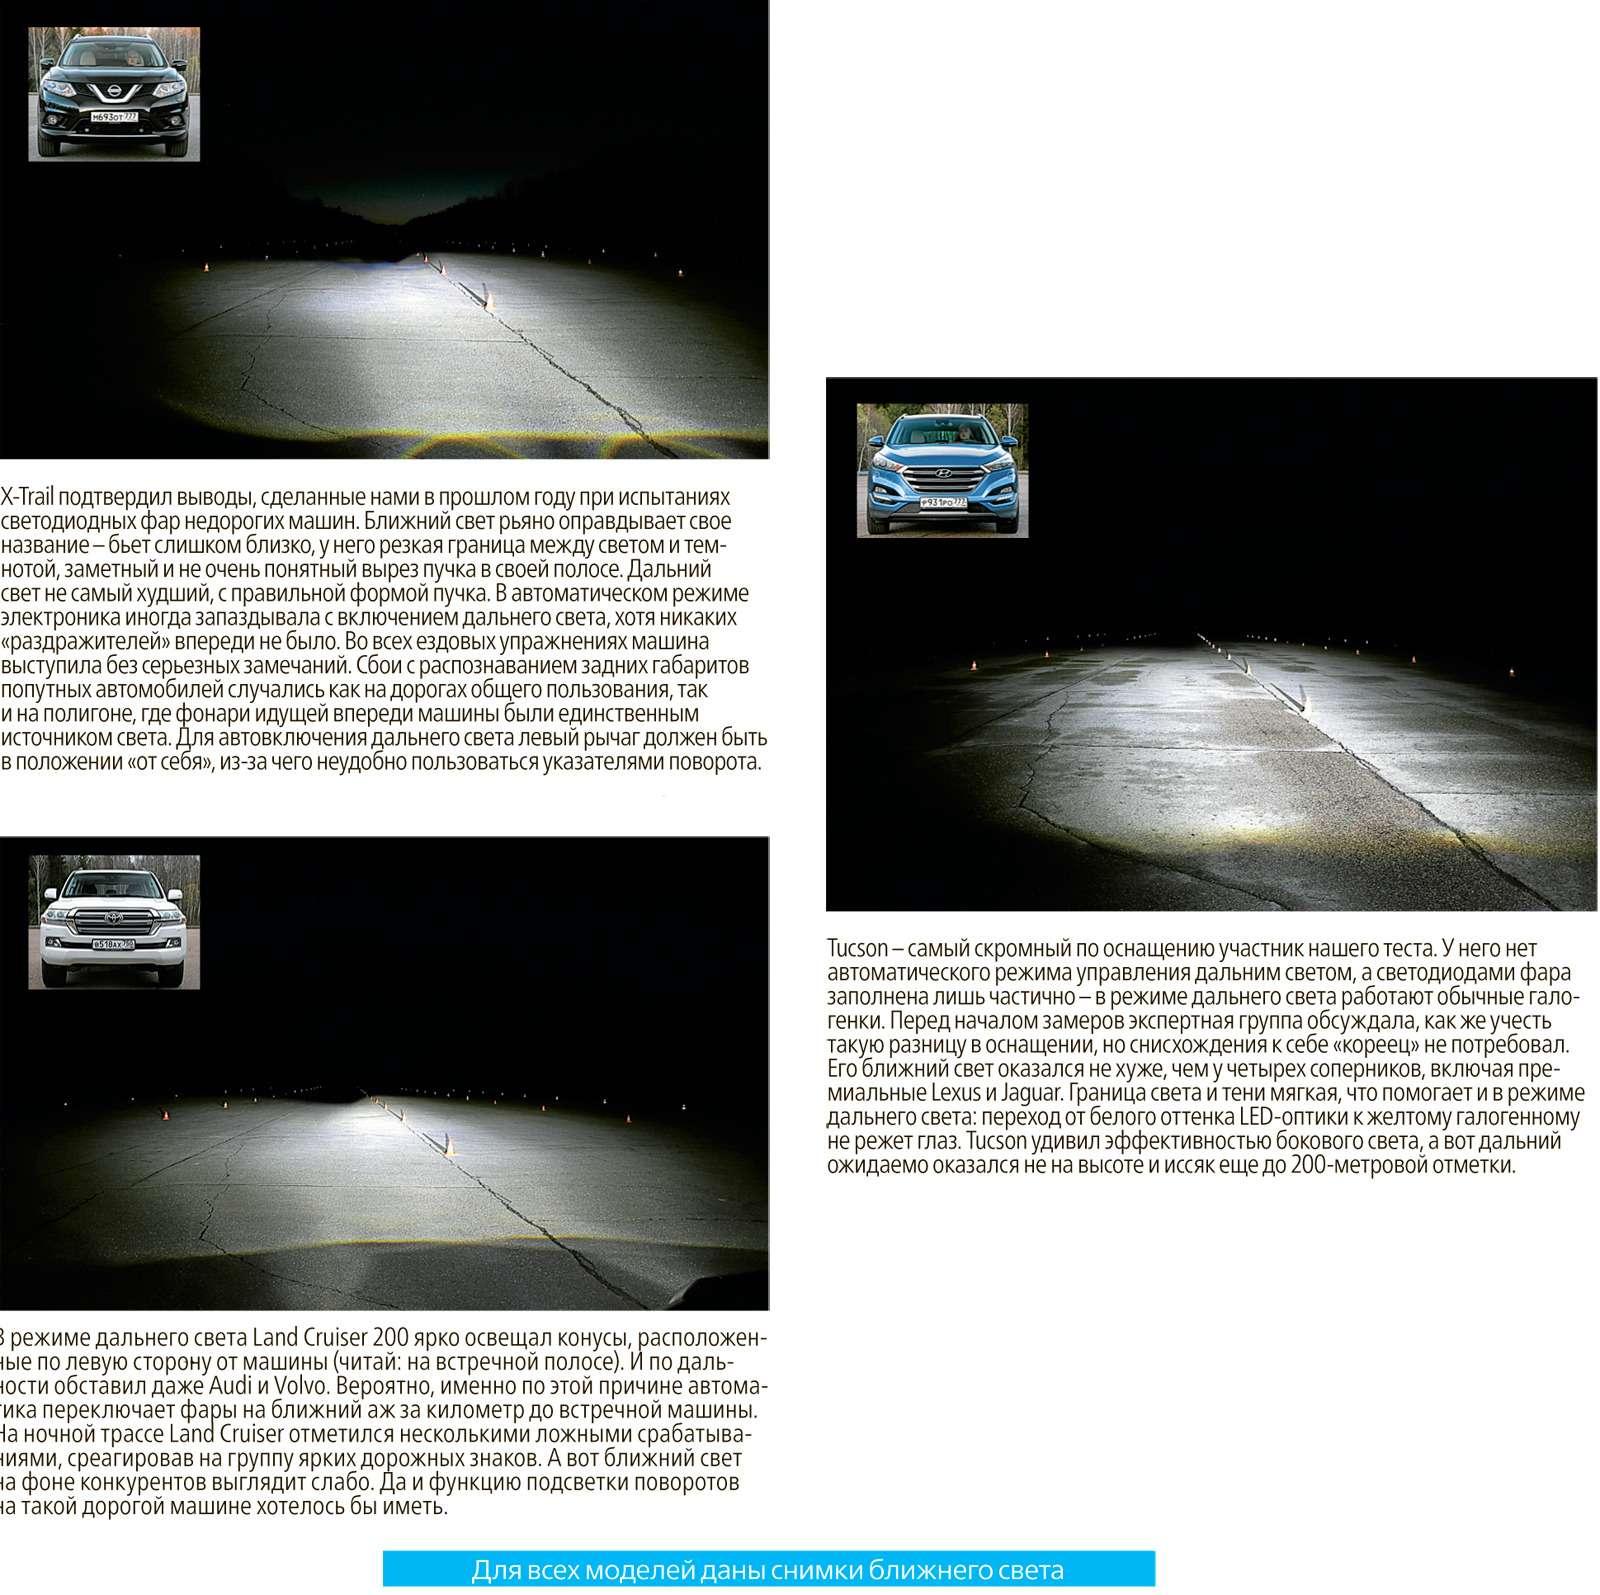 Супертест светодиодных фар: какая из10машин заглянет дальше?— фото 601099